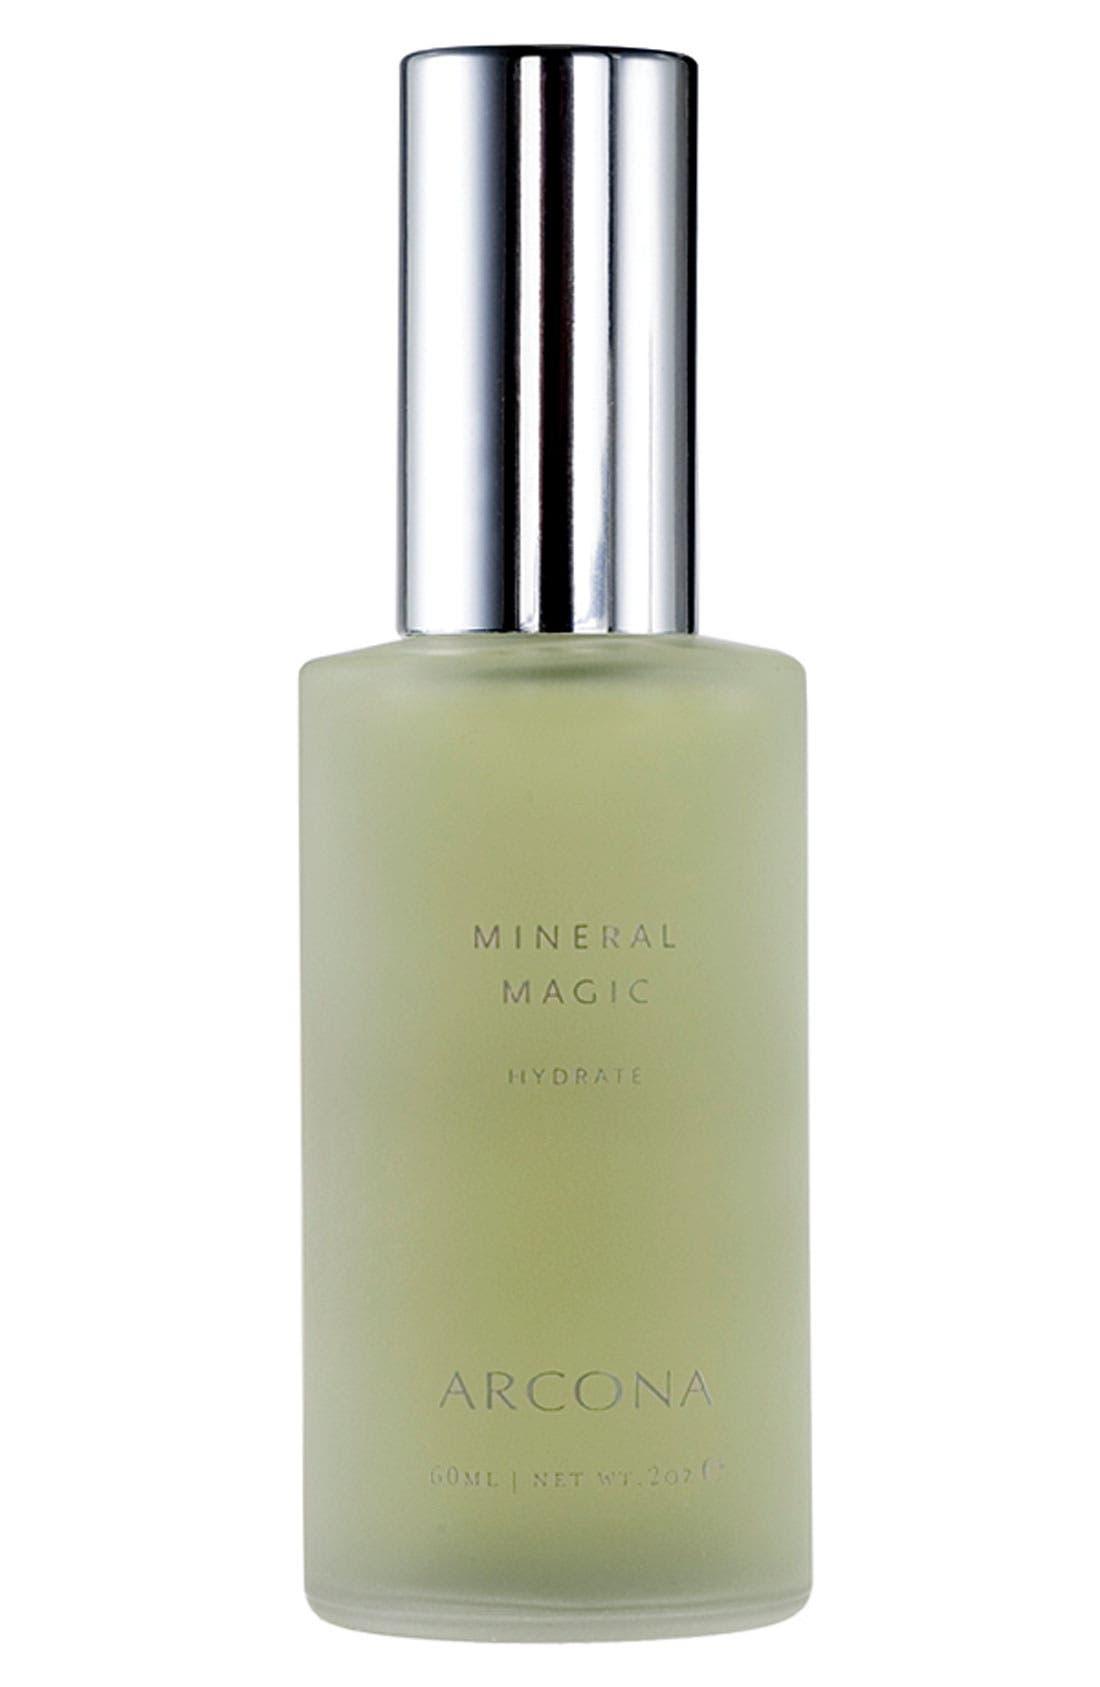 ARCONA Mineral Magic Hydrating Spray